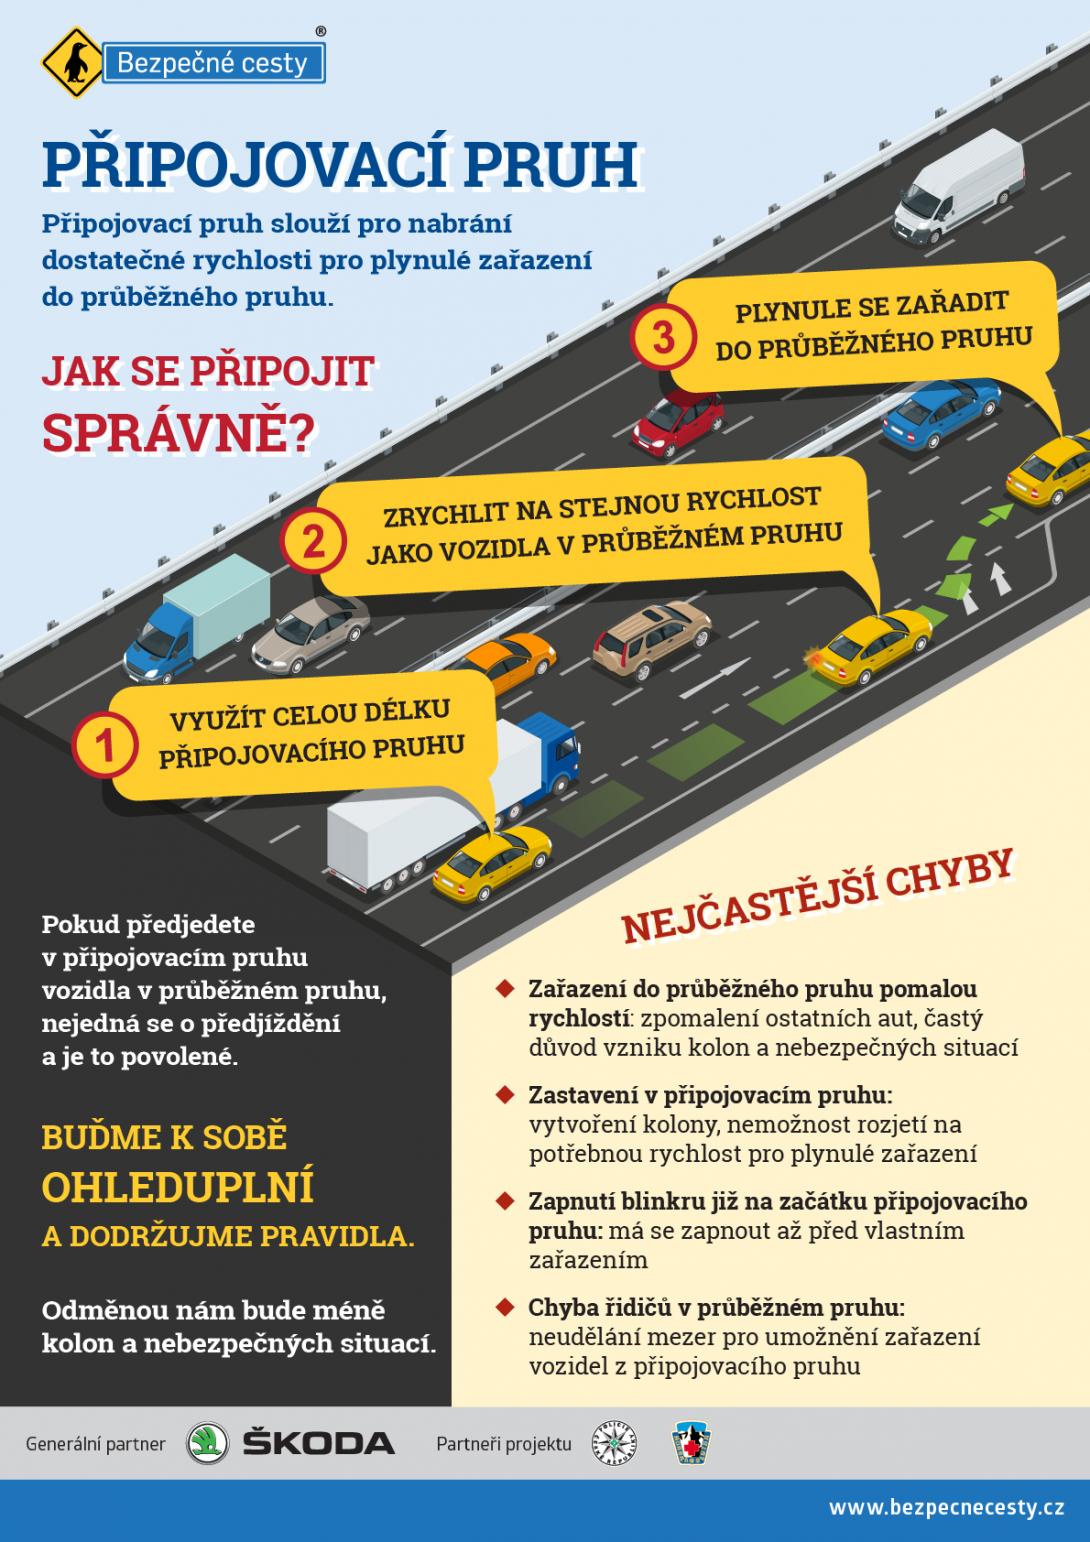 Připojovací pruh - infografika